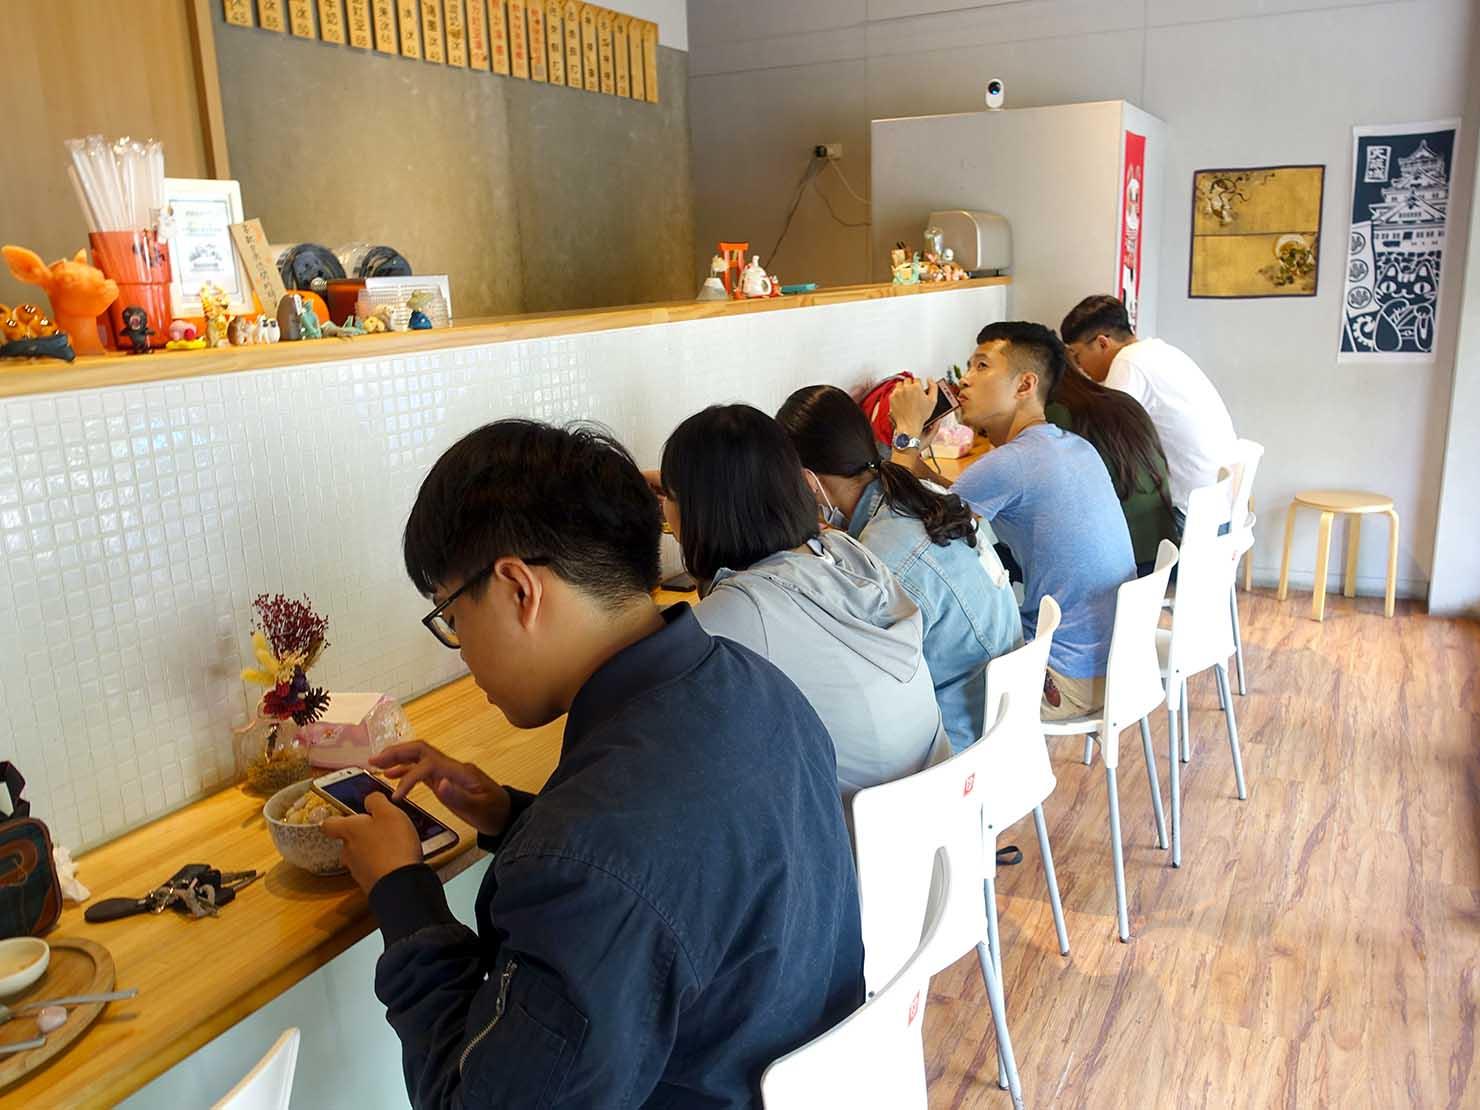 台南・赤崁樓周辺のおすすめグルメ店「冰ㄉ・かき氷 no.2」の店内